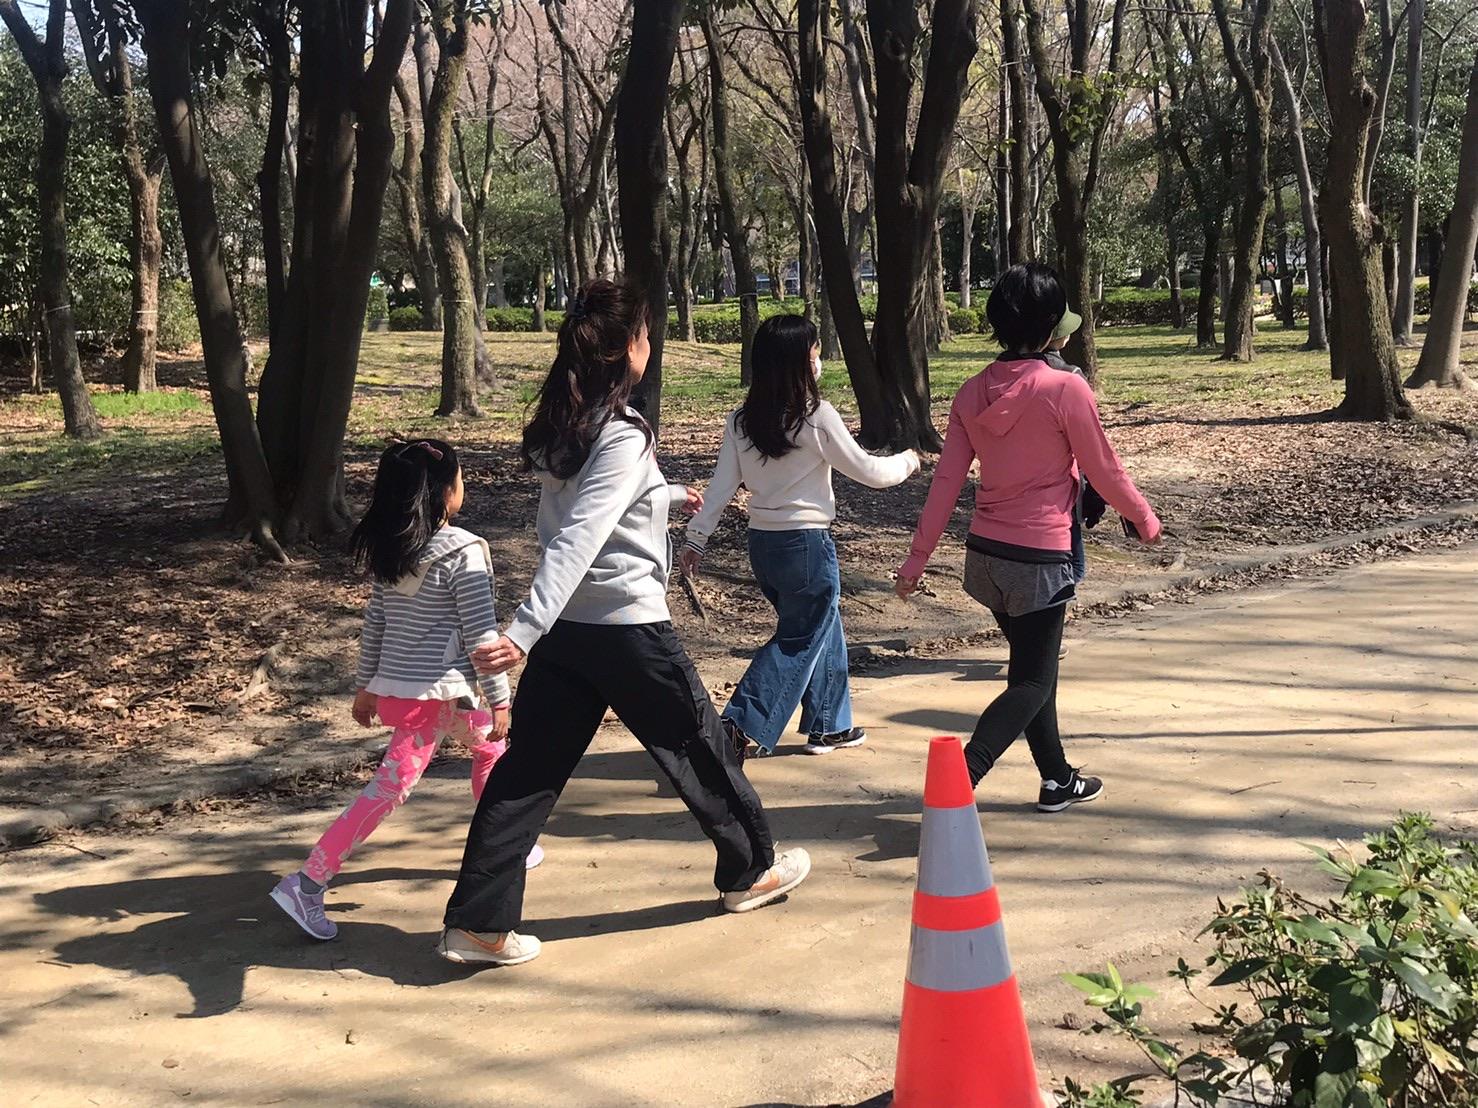 公園内周の1周目は、天然のコルセットを意識して、普通のスピードで